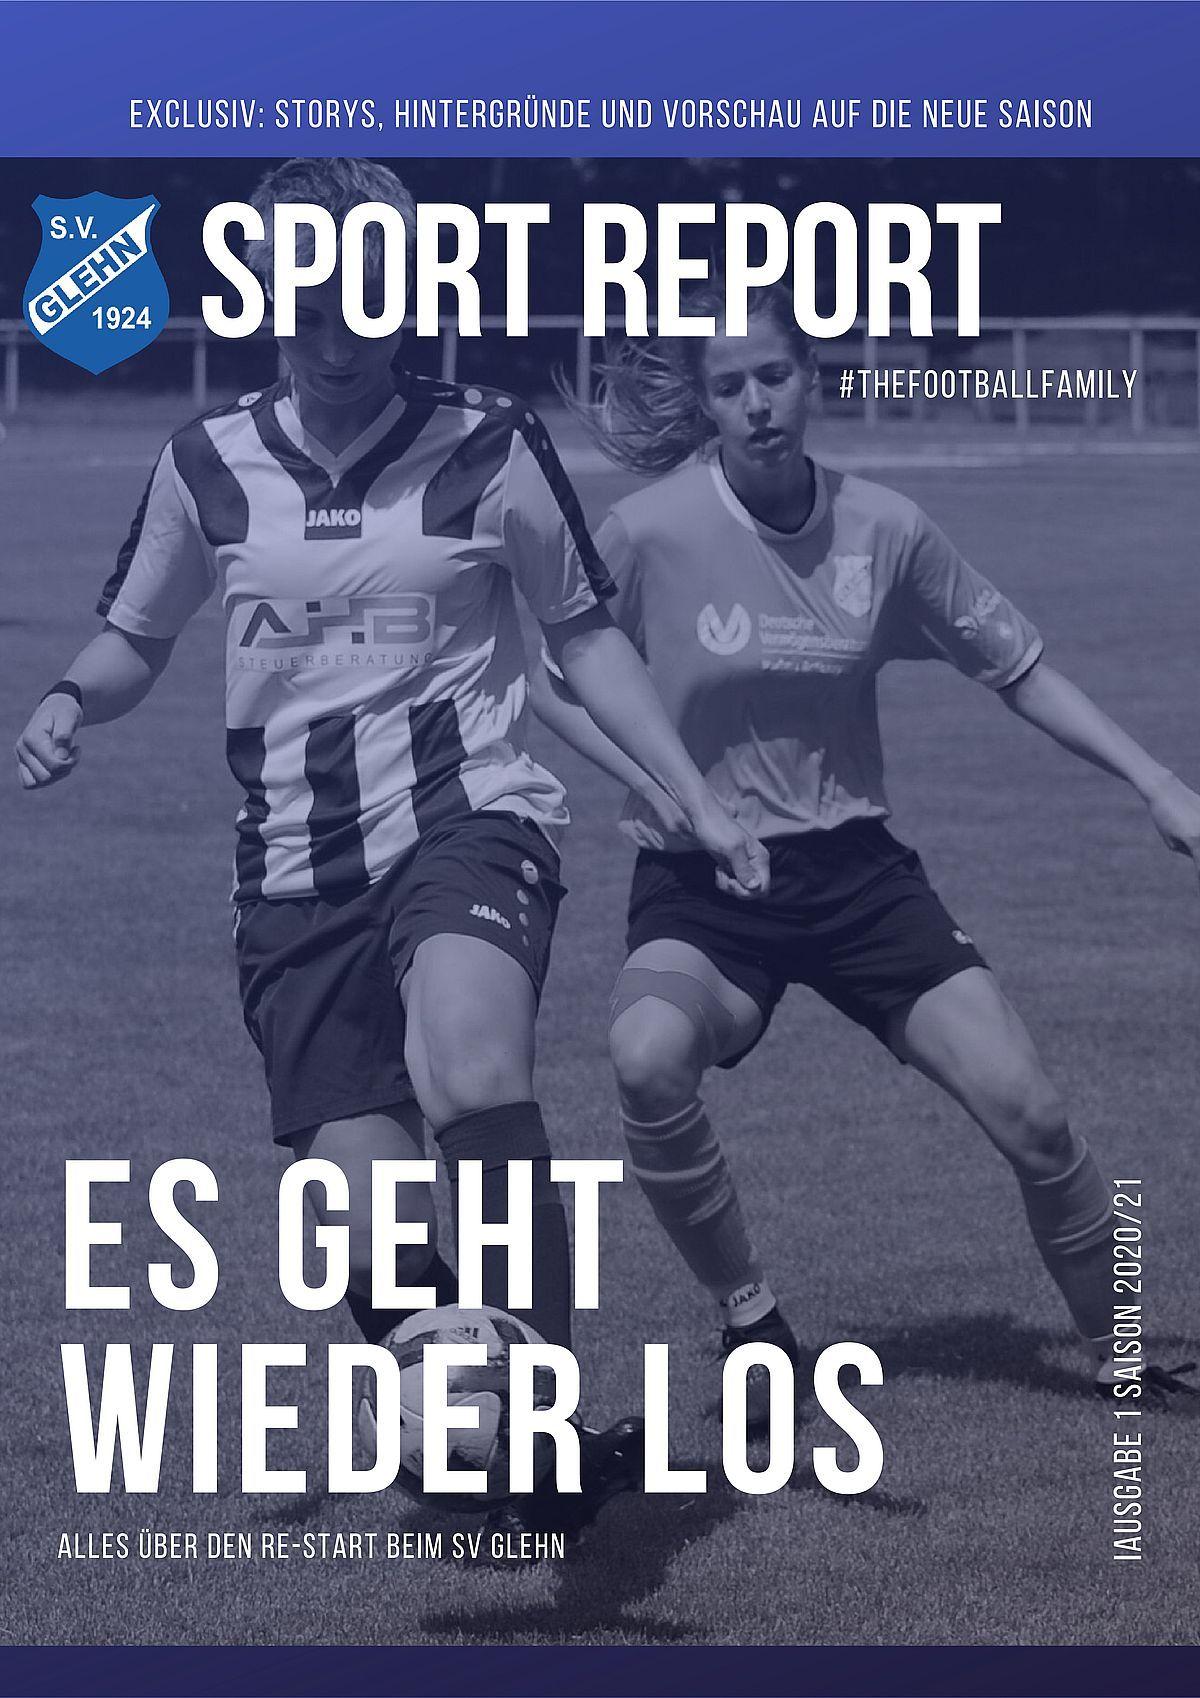 Der Sport-Report - 2020/21 | SV 1924 Glehn e.V.